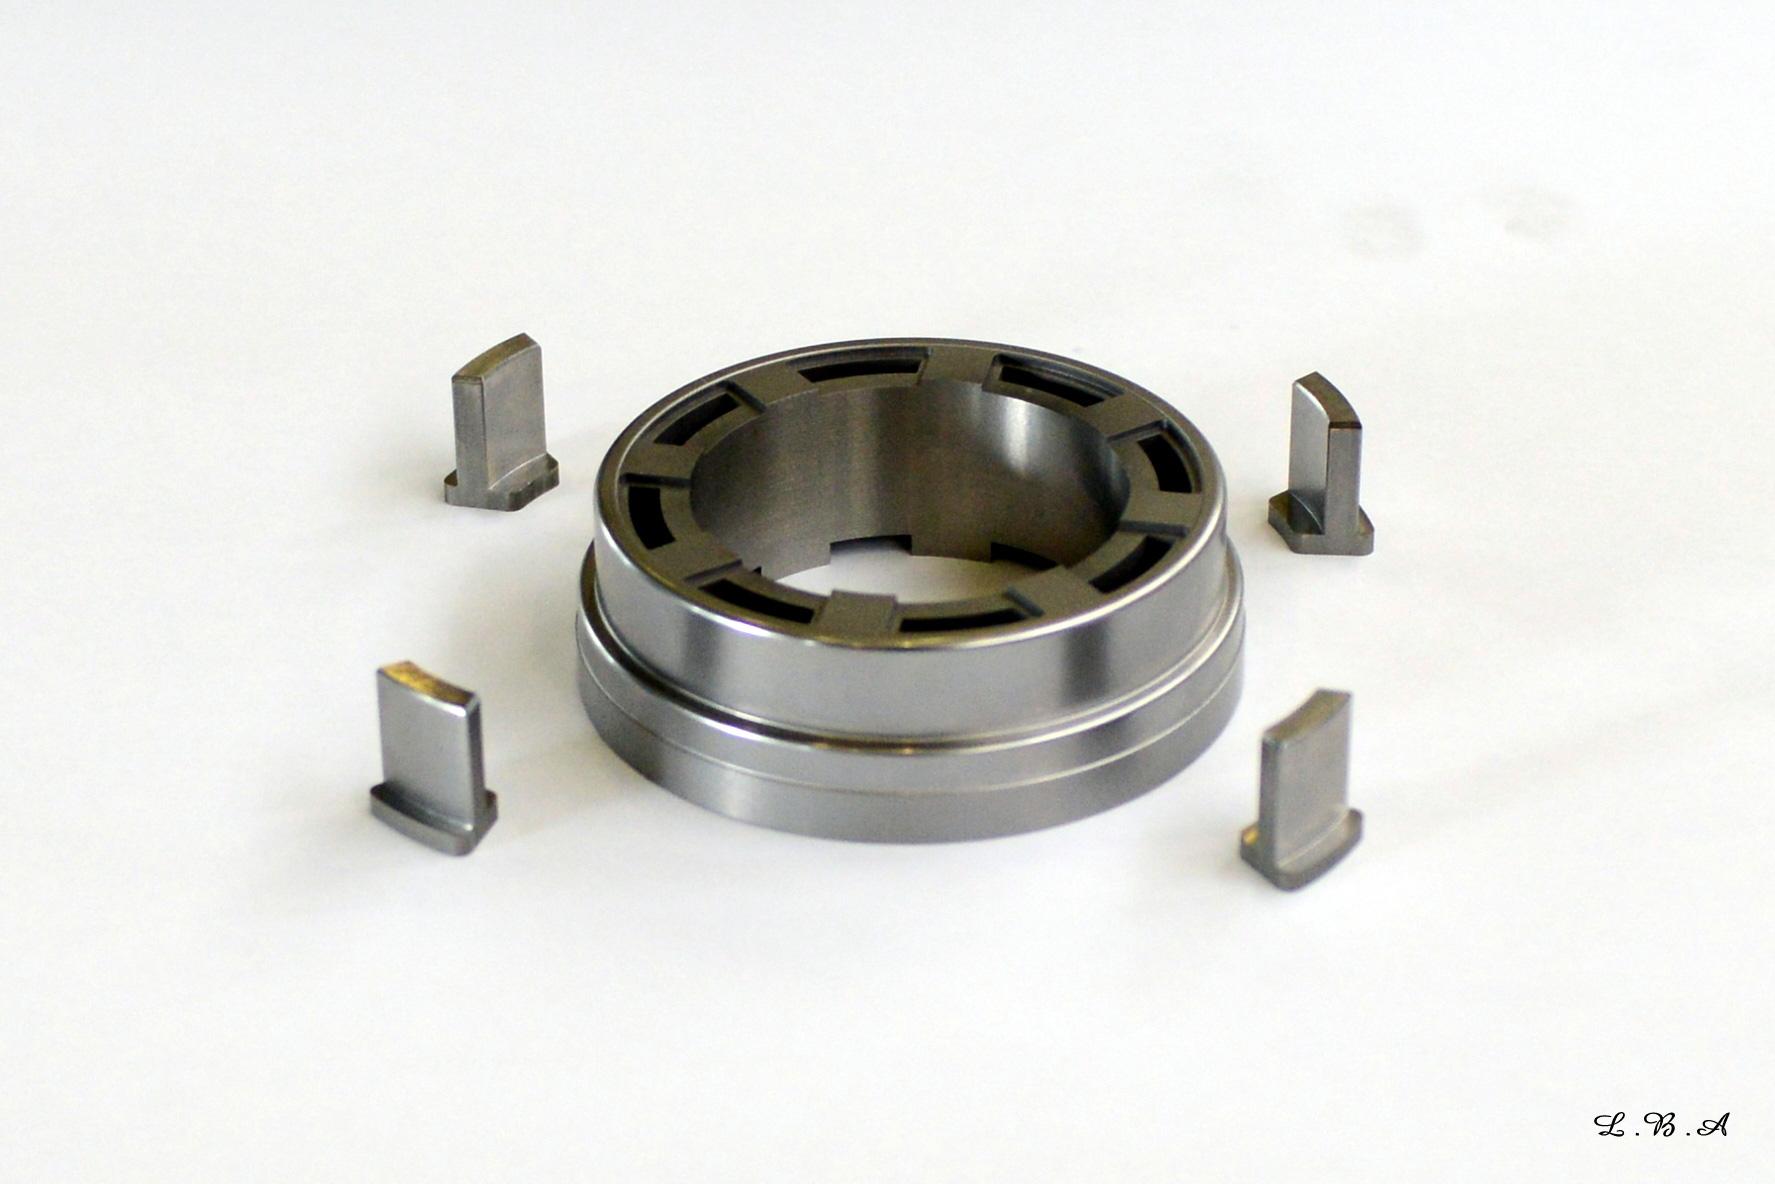 Fabrication d'équipements industriels : pourquoi privilégier l'usinage des pièces ?